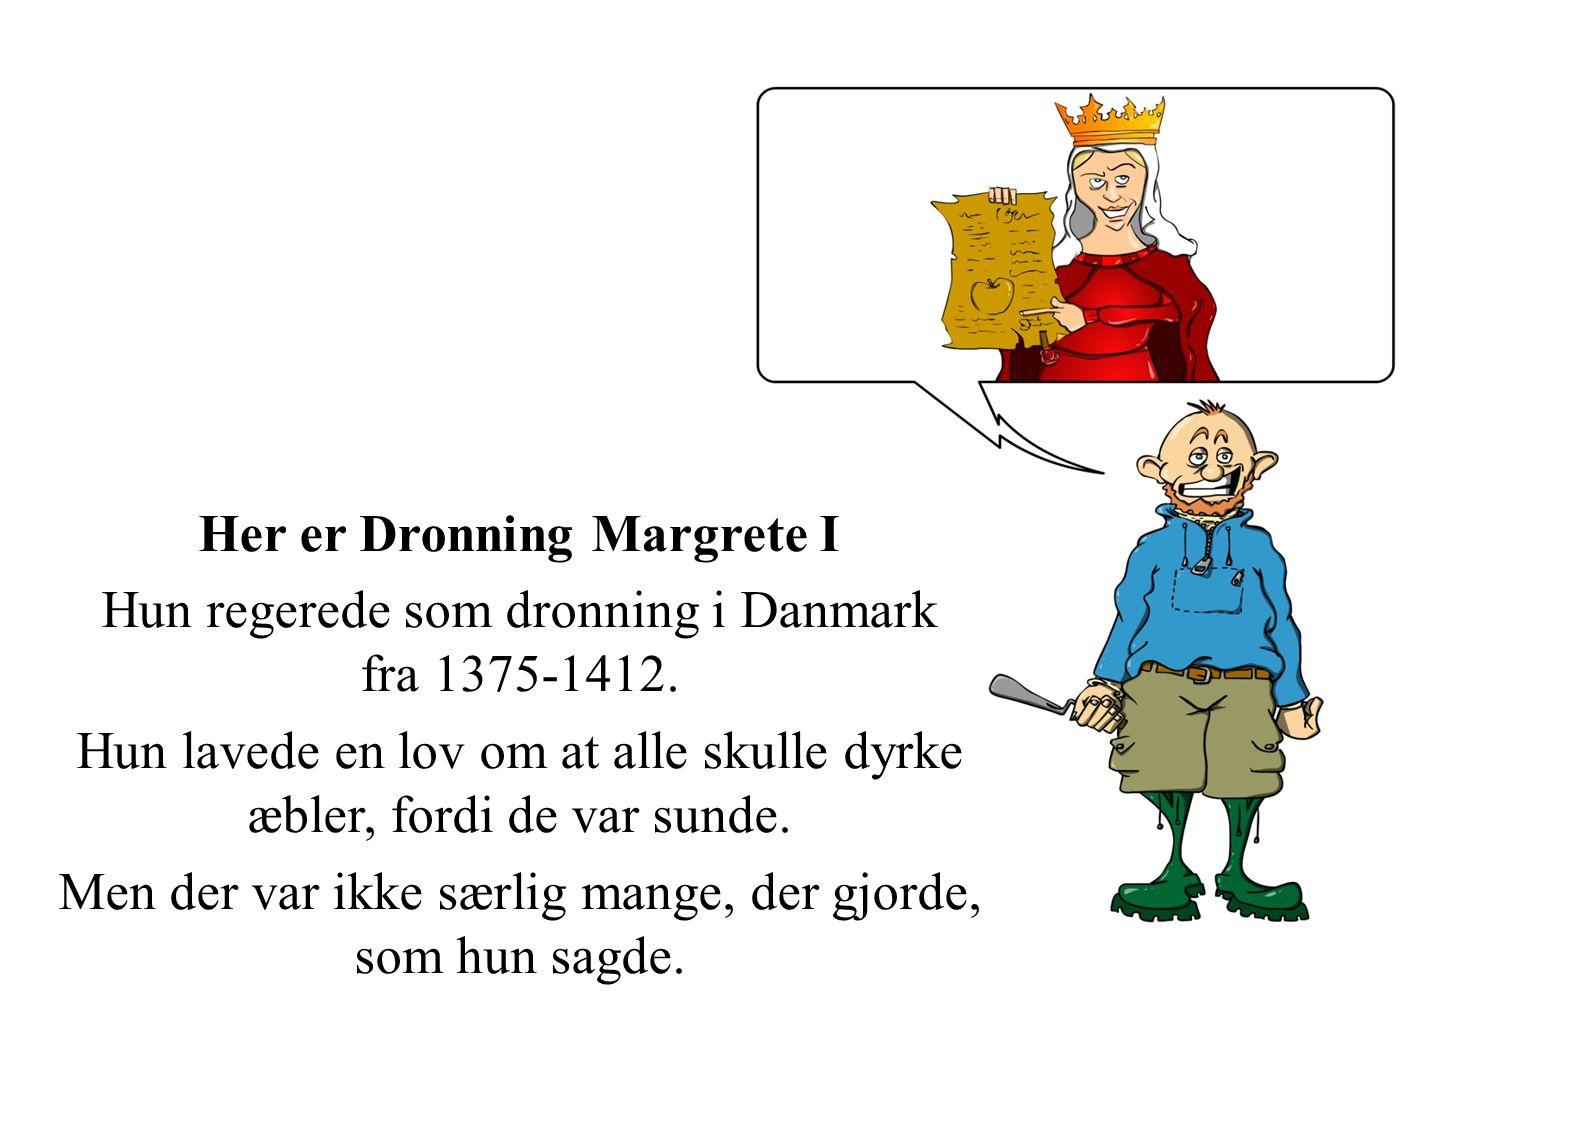 Her er Dronning Margrete I